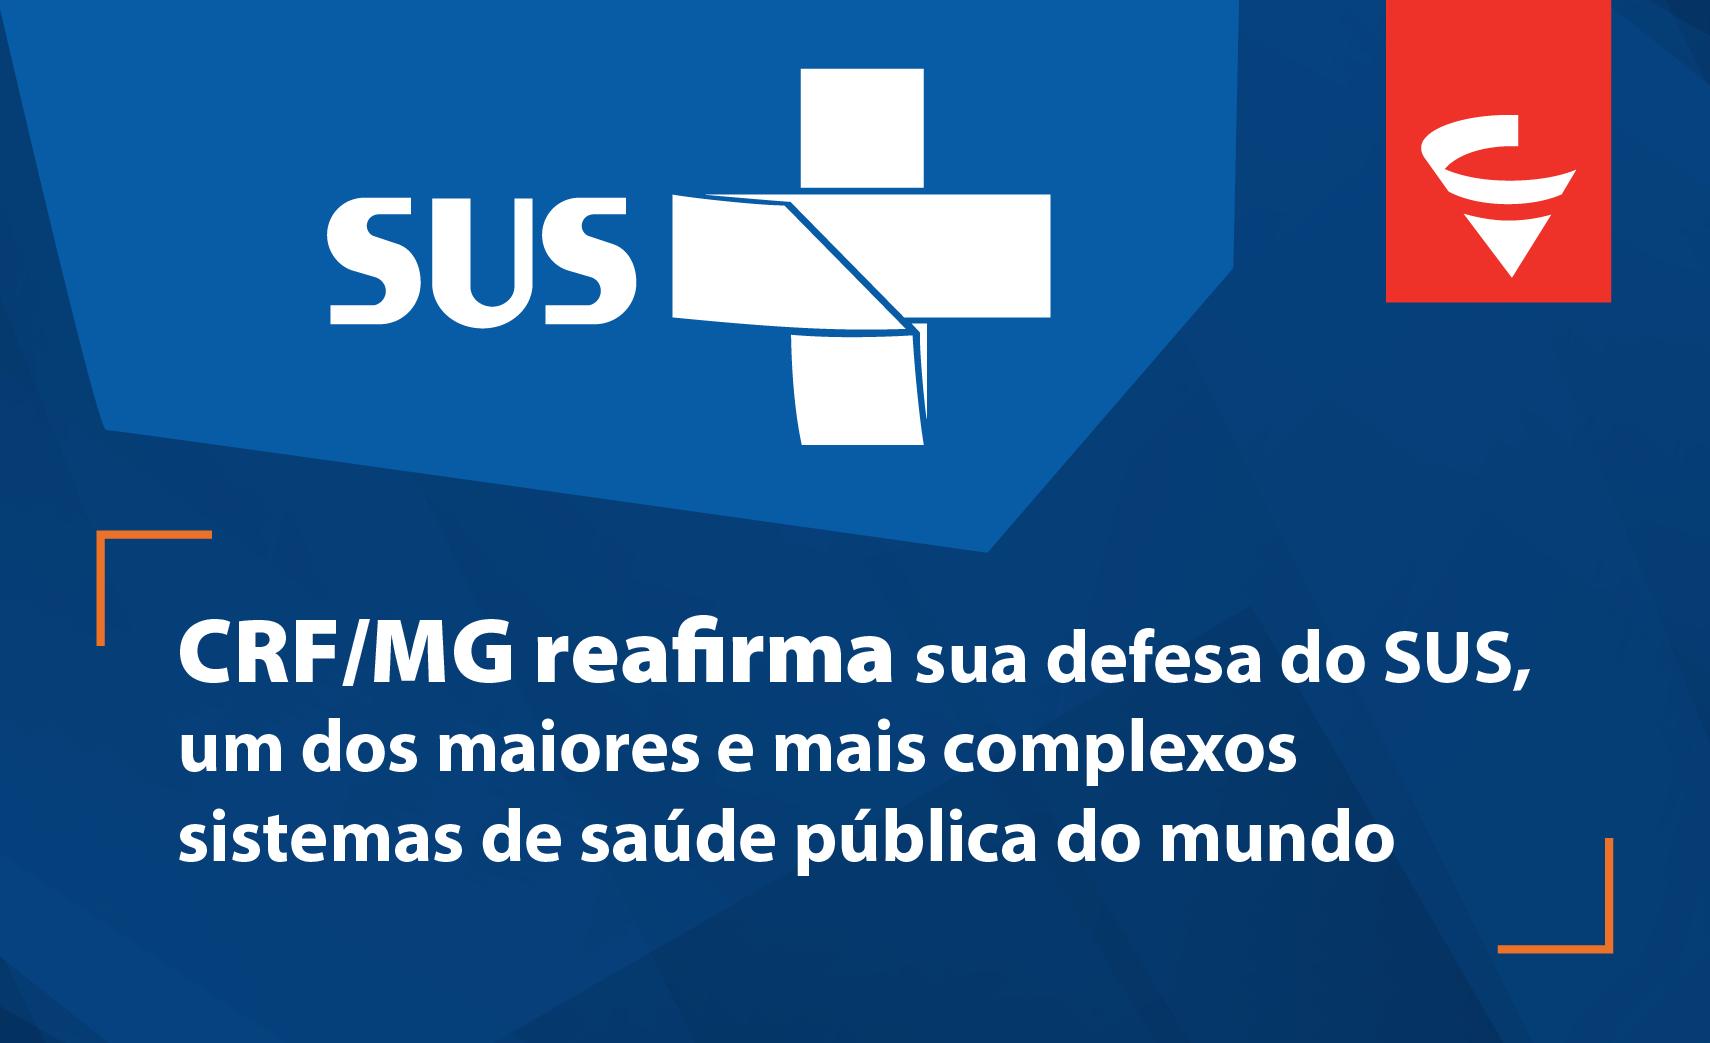 CRF/MG reafirma sua defesa do SUS, um dos maiores e mais complexos sistemas de saúde pública do mundo